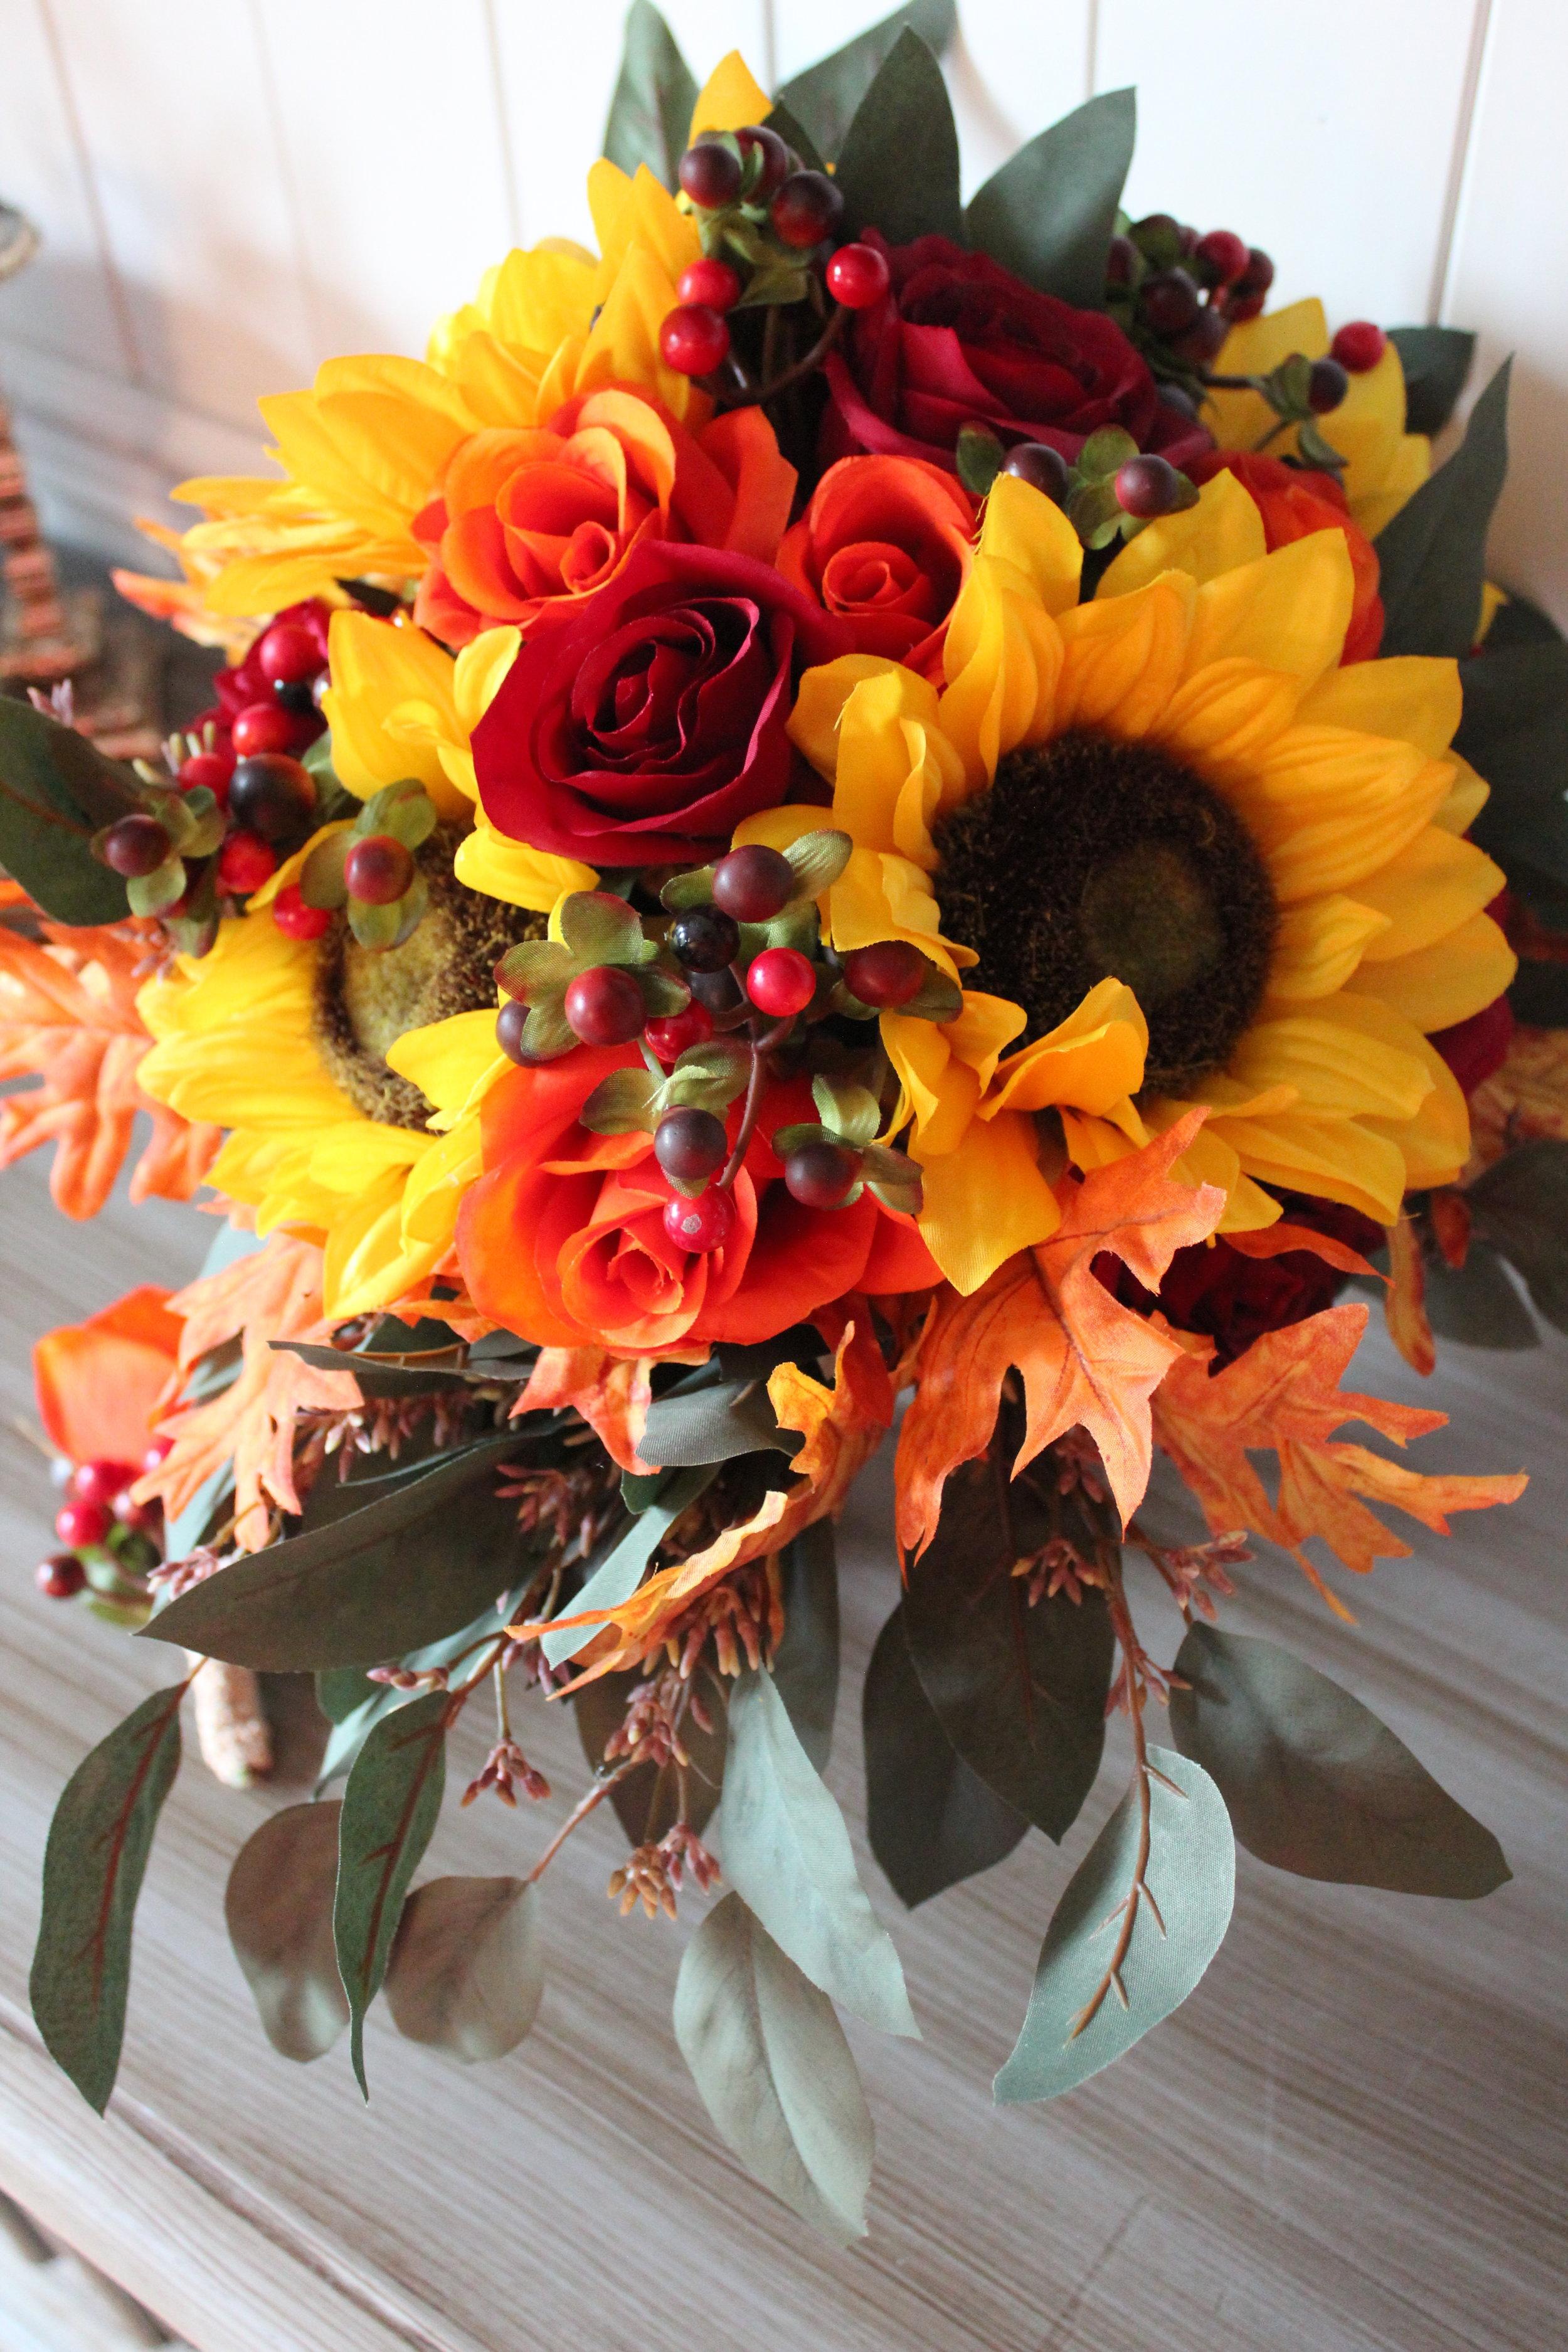 fall-wedding-bouquet-boutonniere-cake-topper-recreation-silk-flowers.jpg